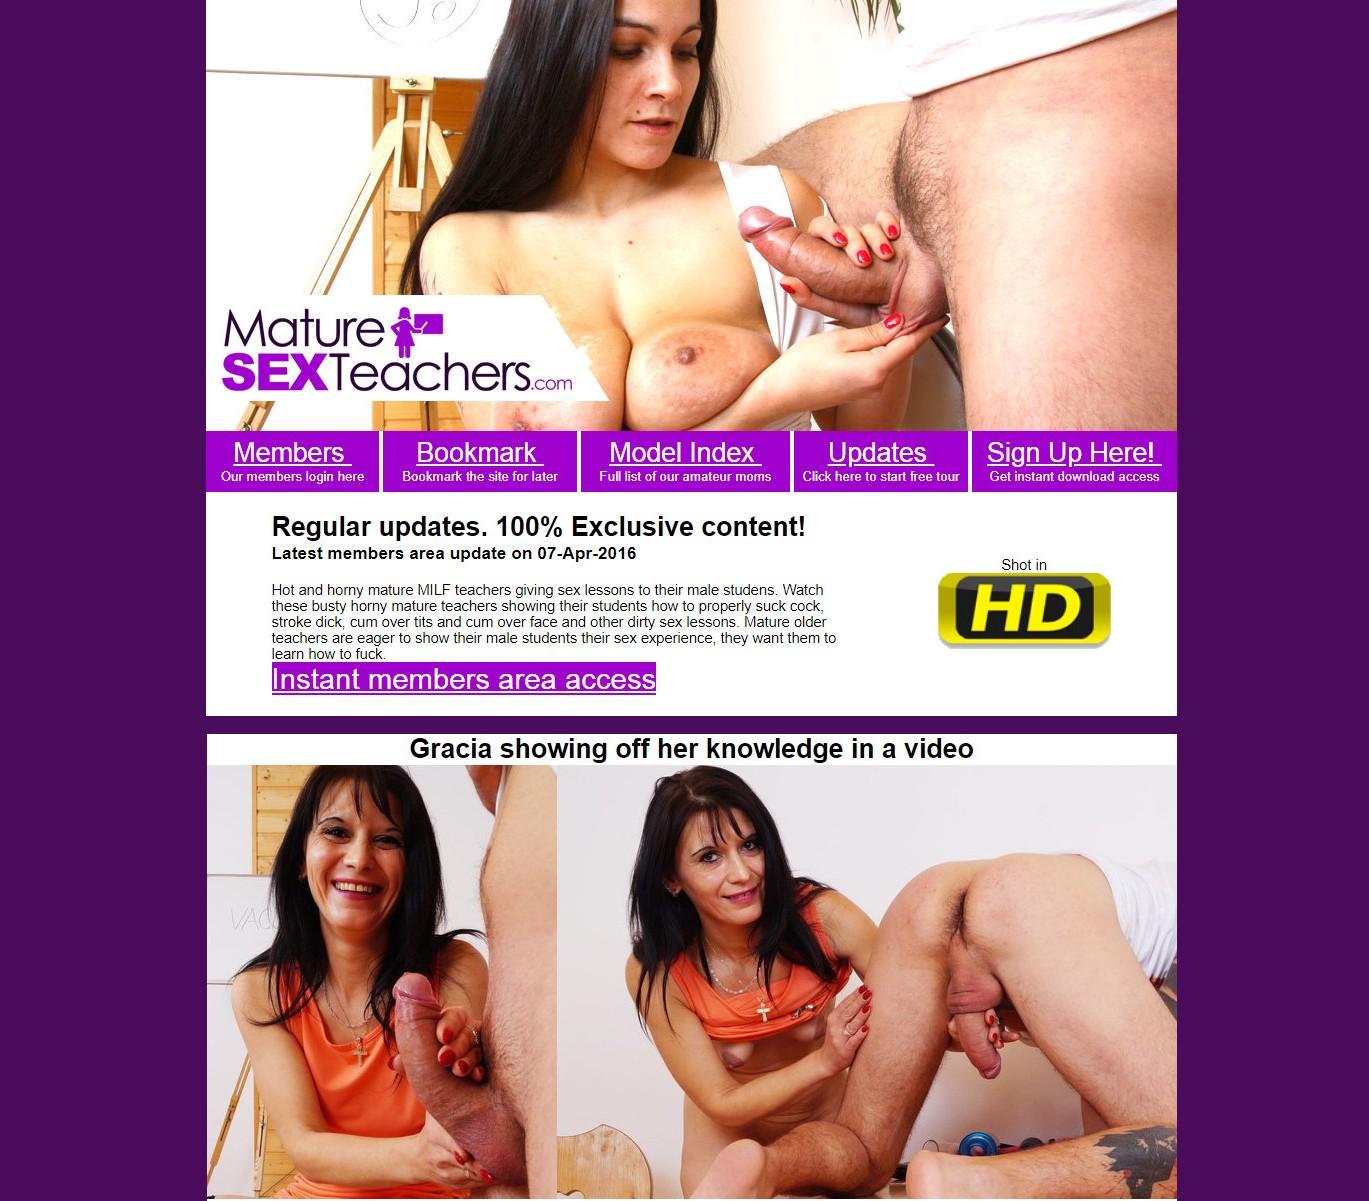 MatureSexTeachers.com SITERIP - all 14 videos